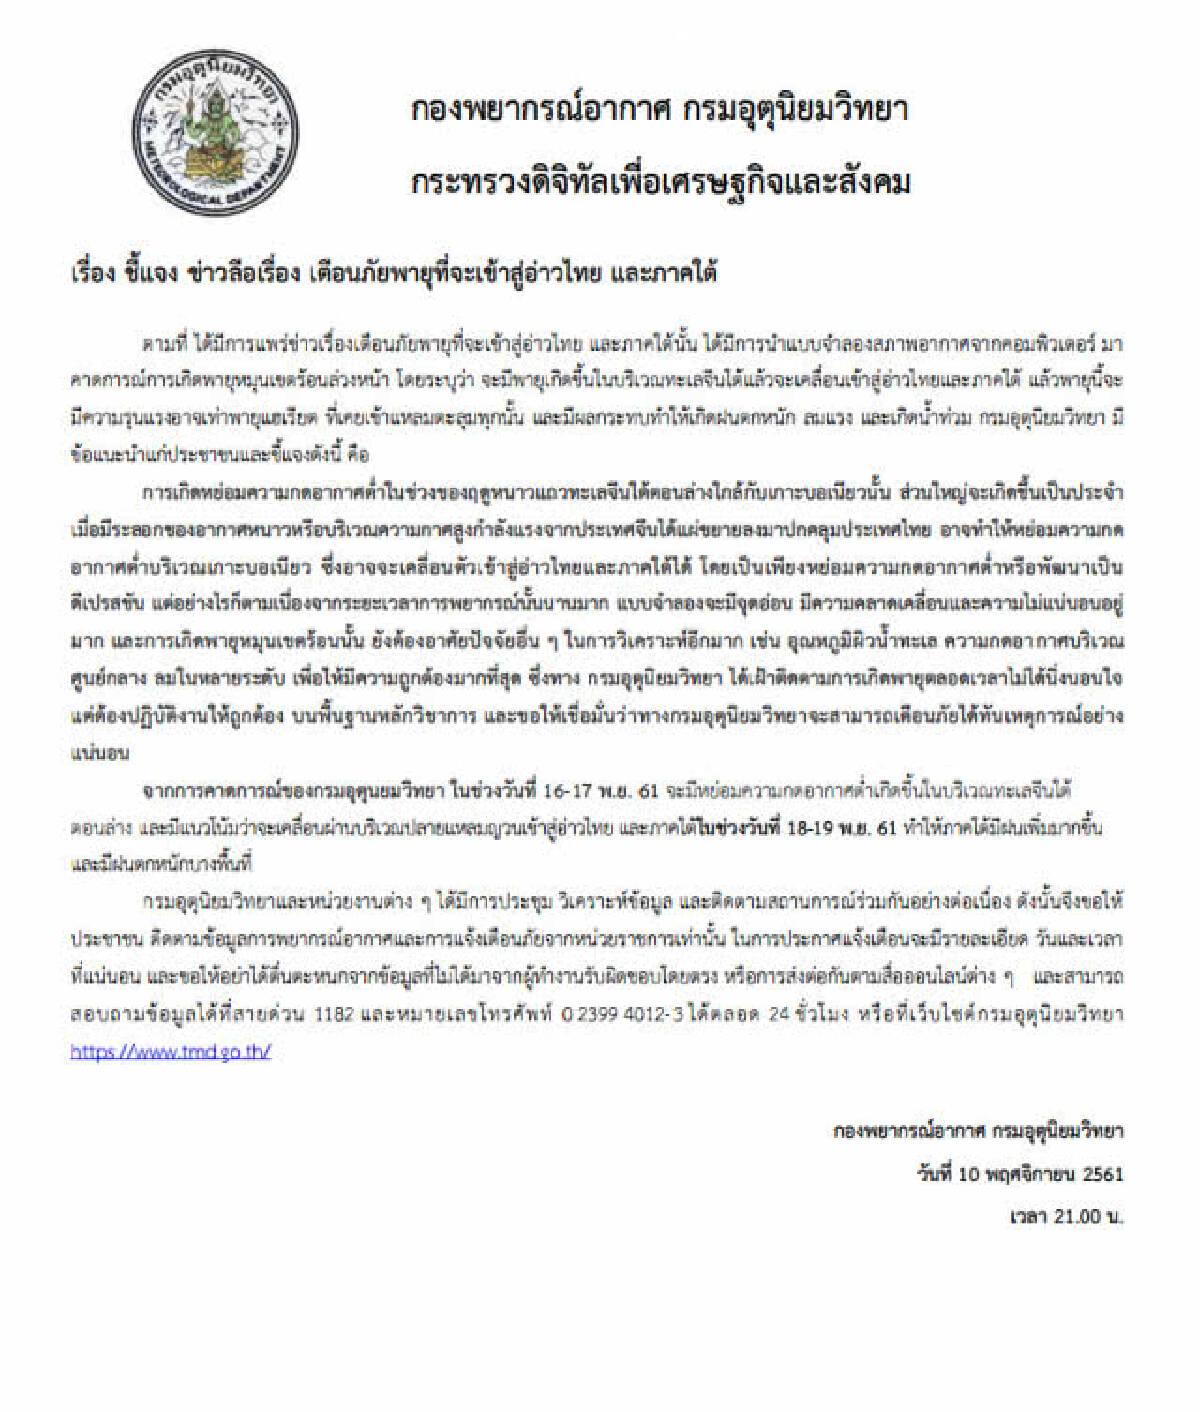 อุตุฯแจงข่าวลือ เตือนภัยพายุที่จะเข้าสู่อ่าวไทย และภาคใต้